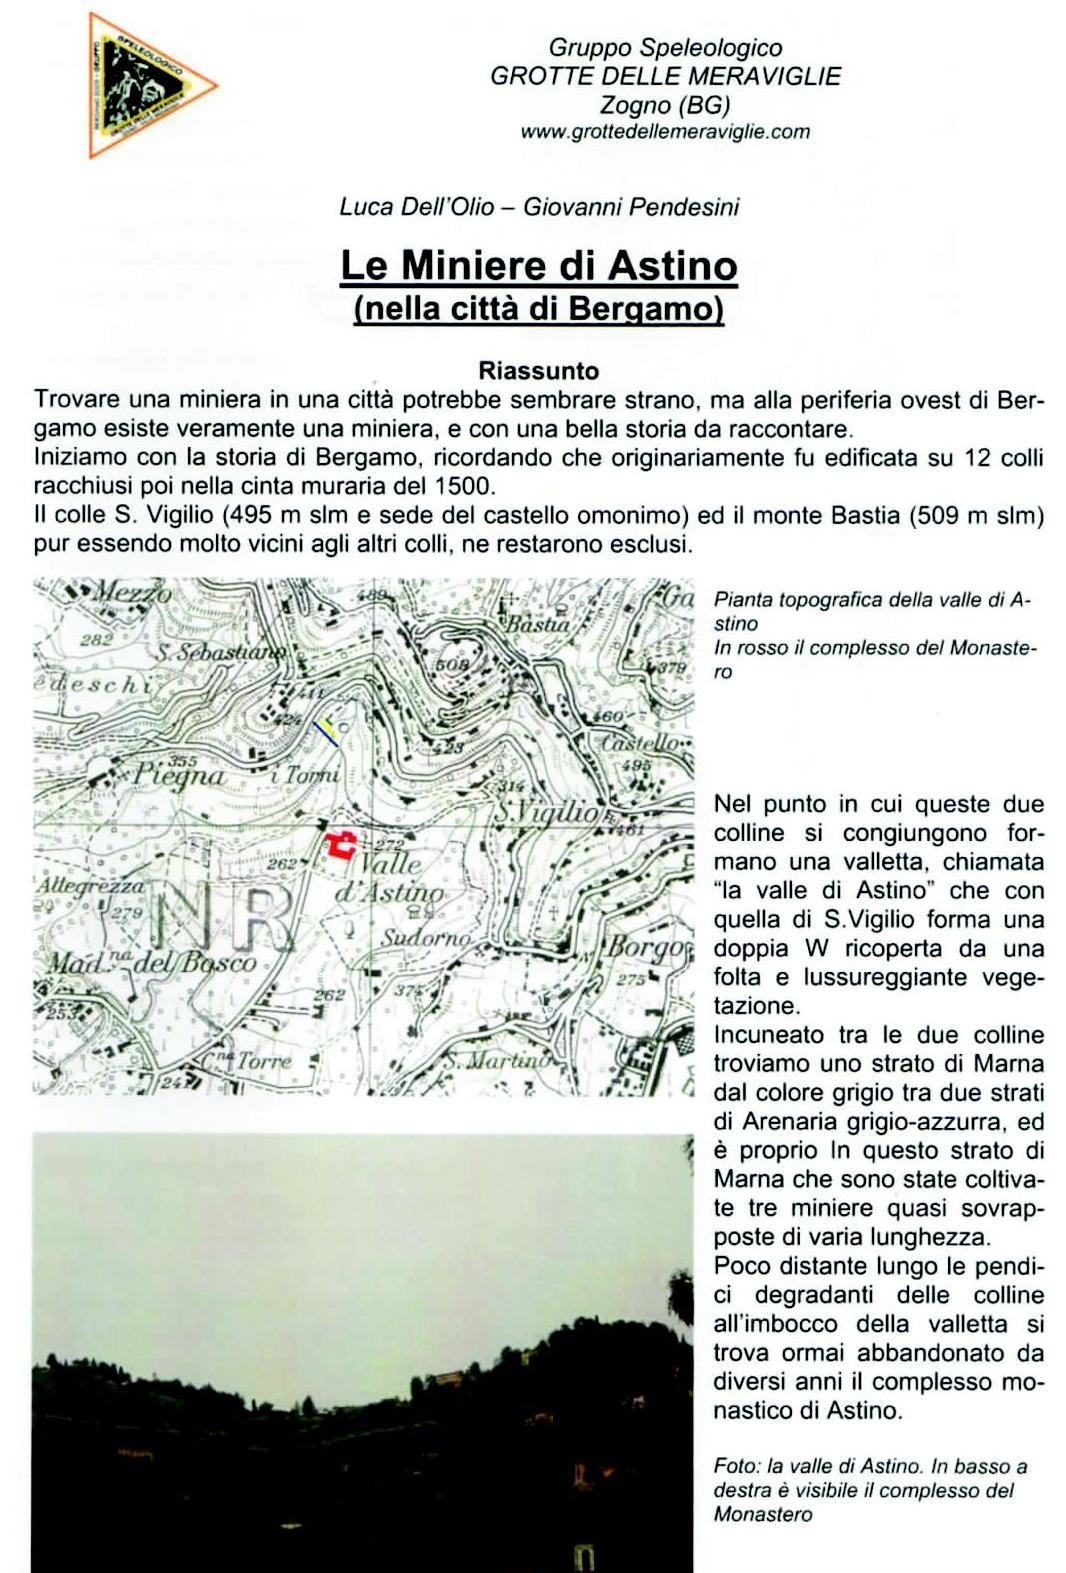 Astino - le miniere - L_Dall'Olio1